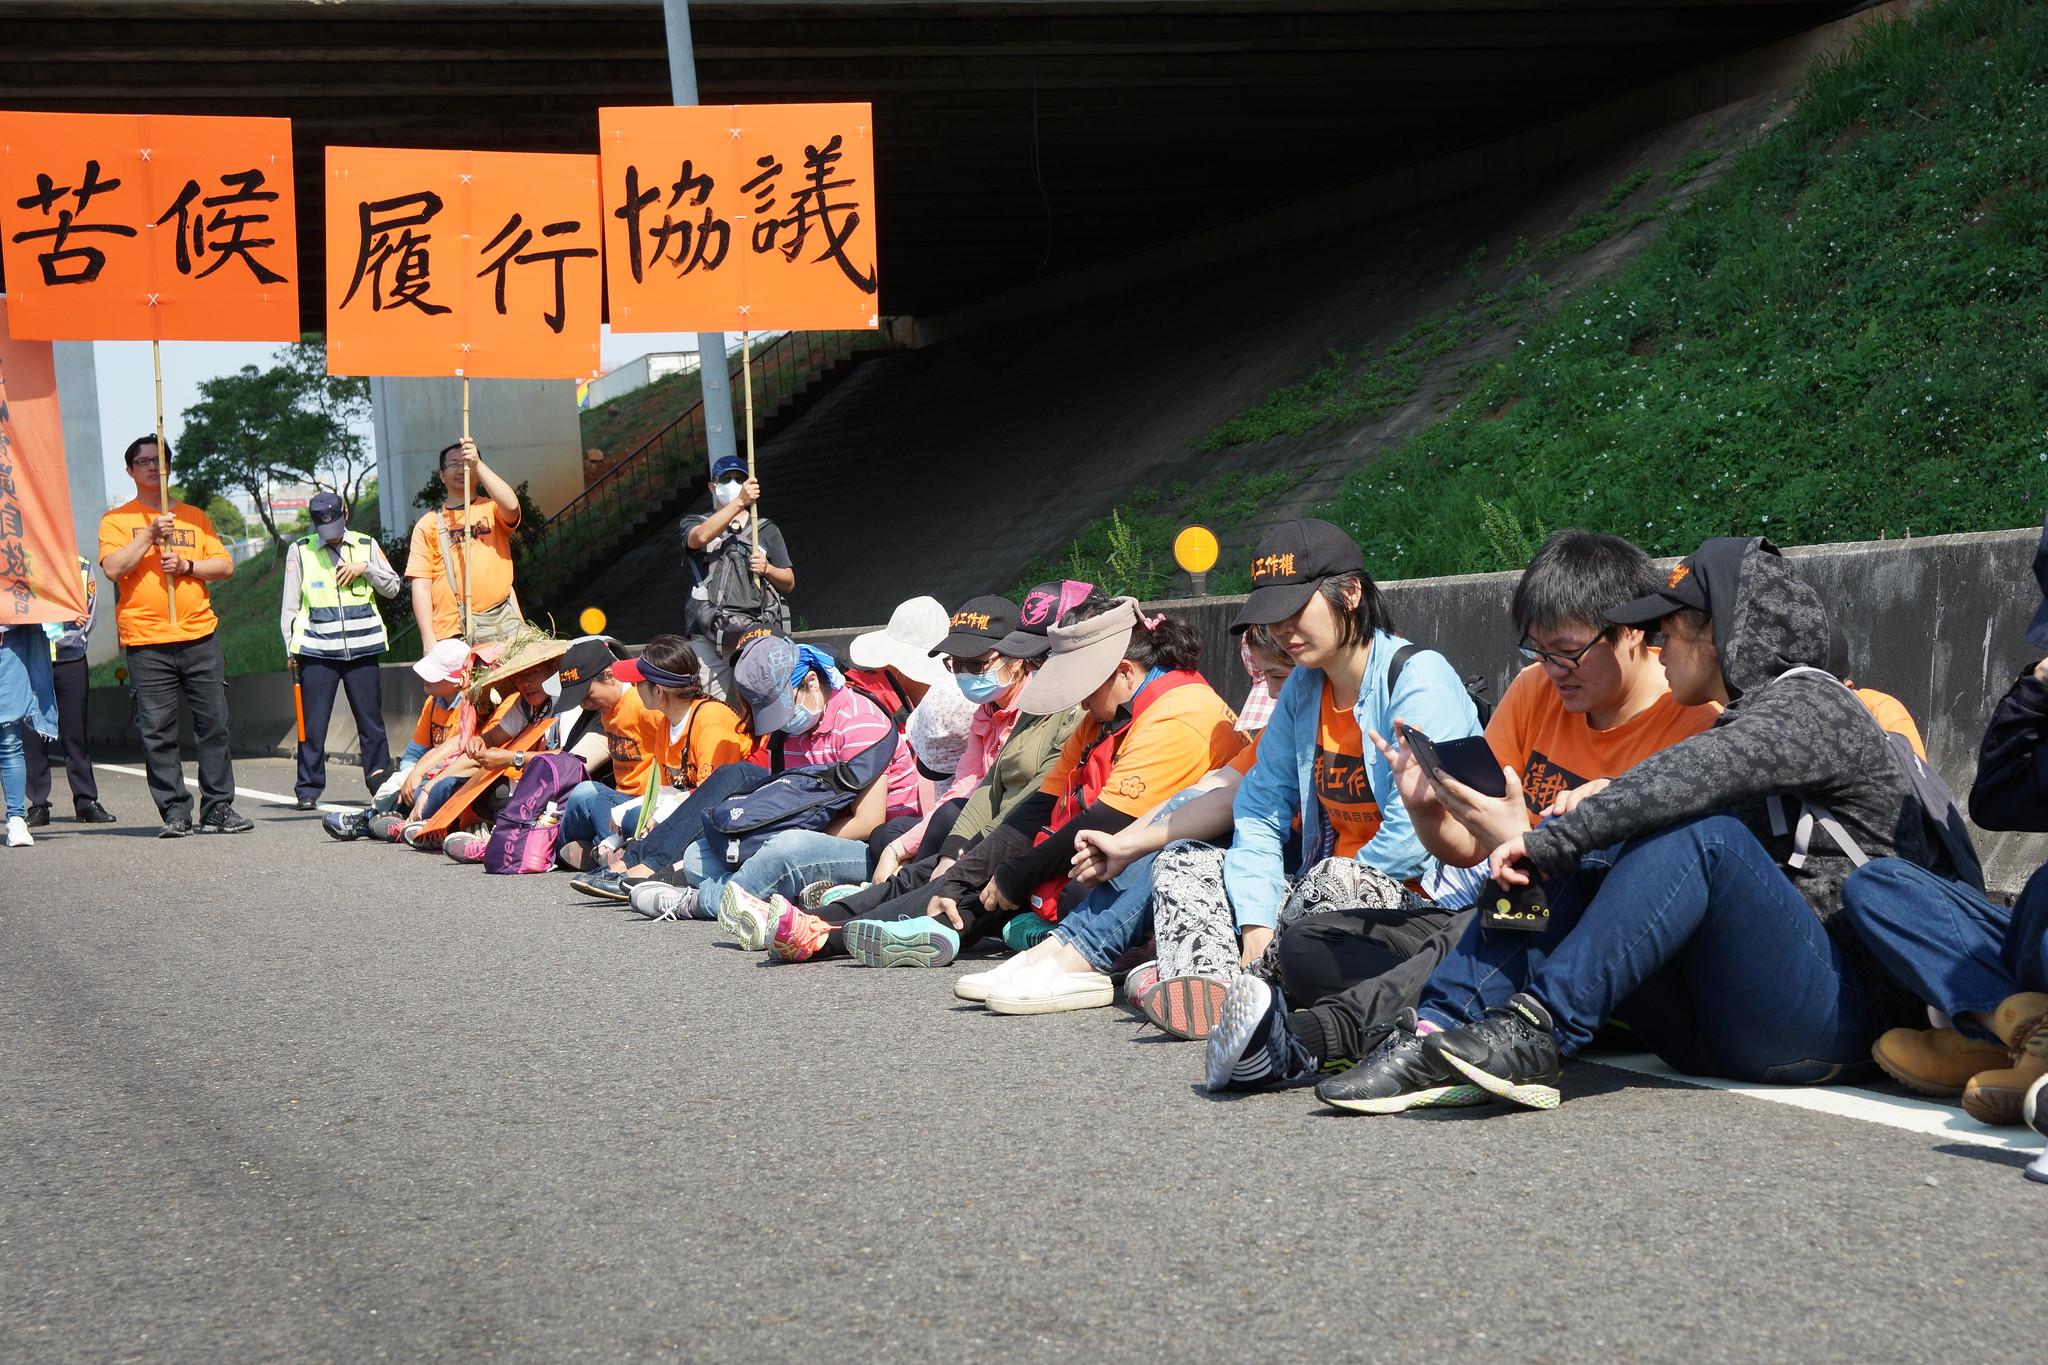 收費員在國道路肩排列長長隊伍,宣告將重啟抗爭。(攝影:王顥中)